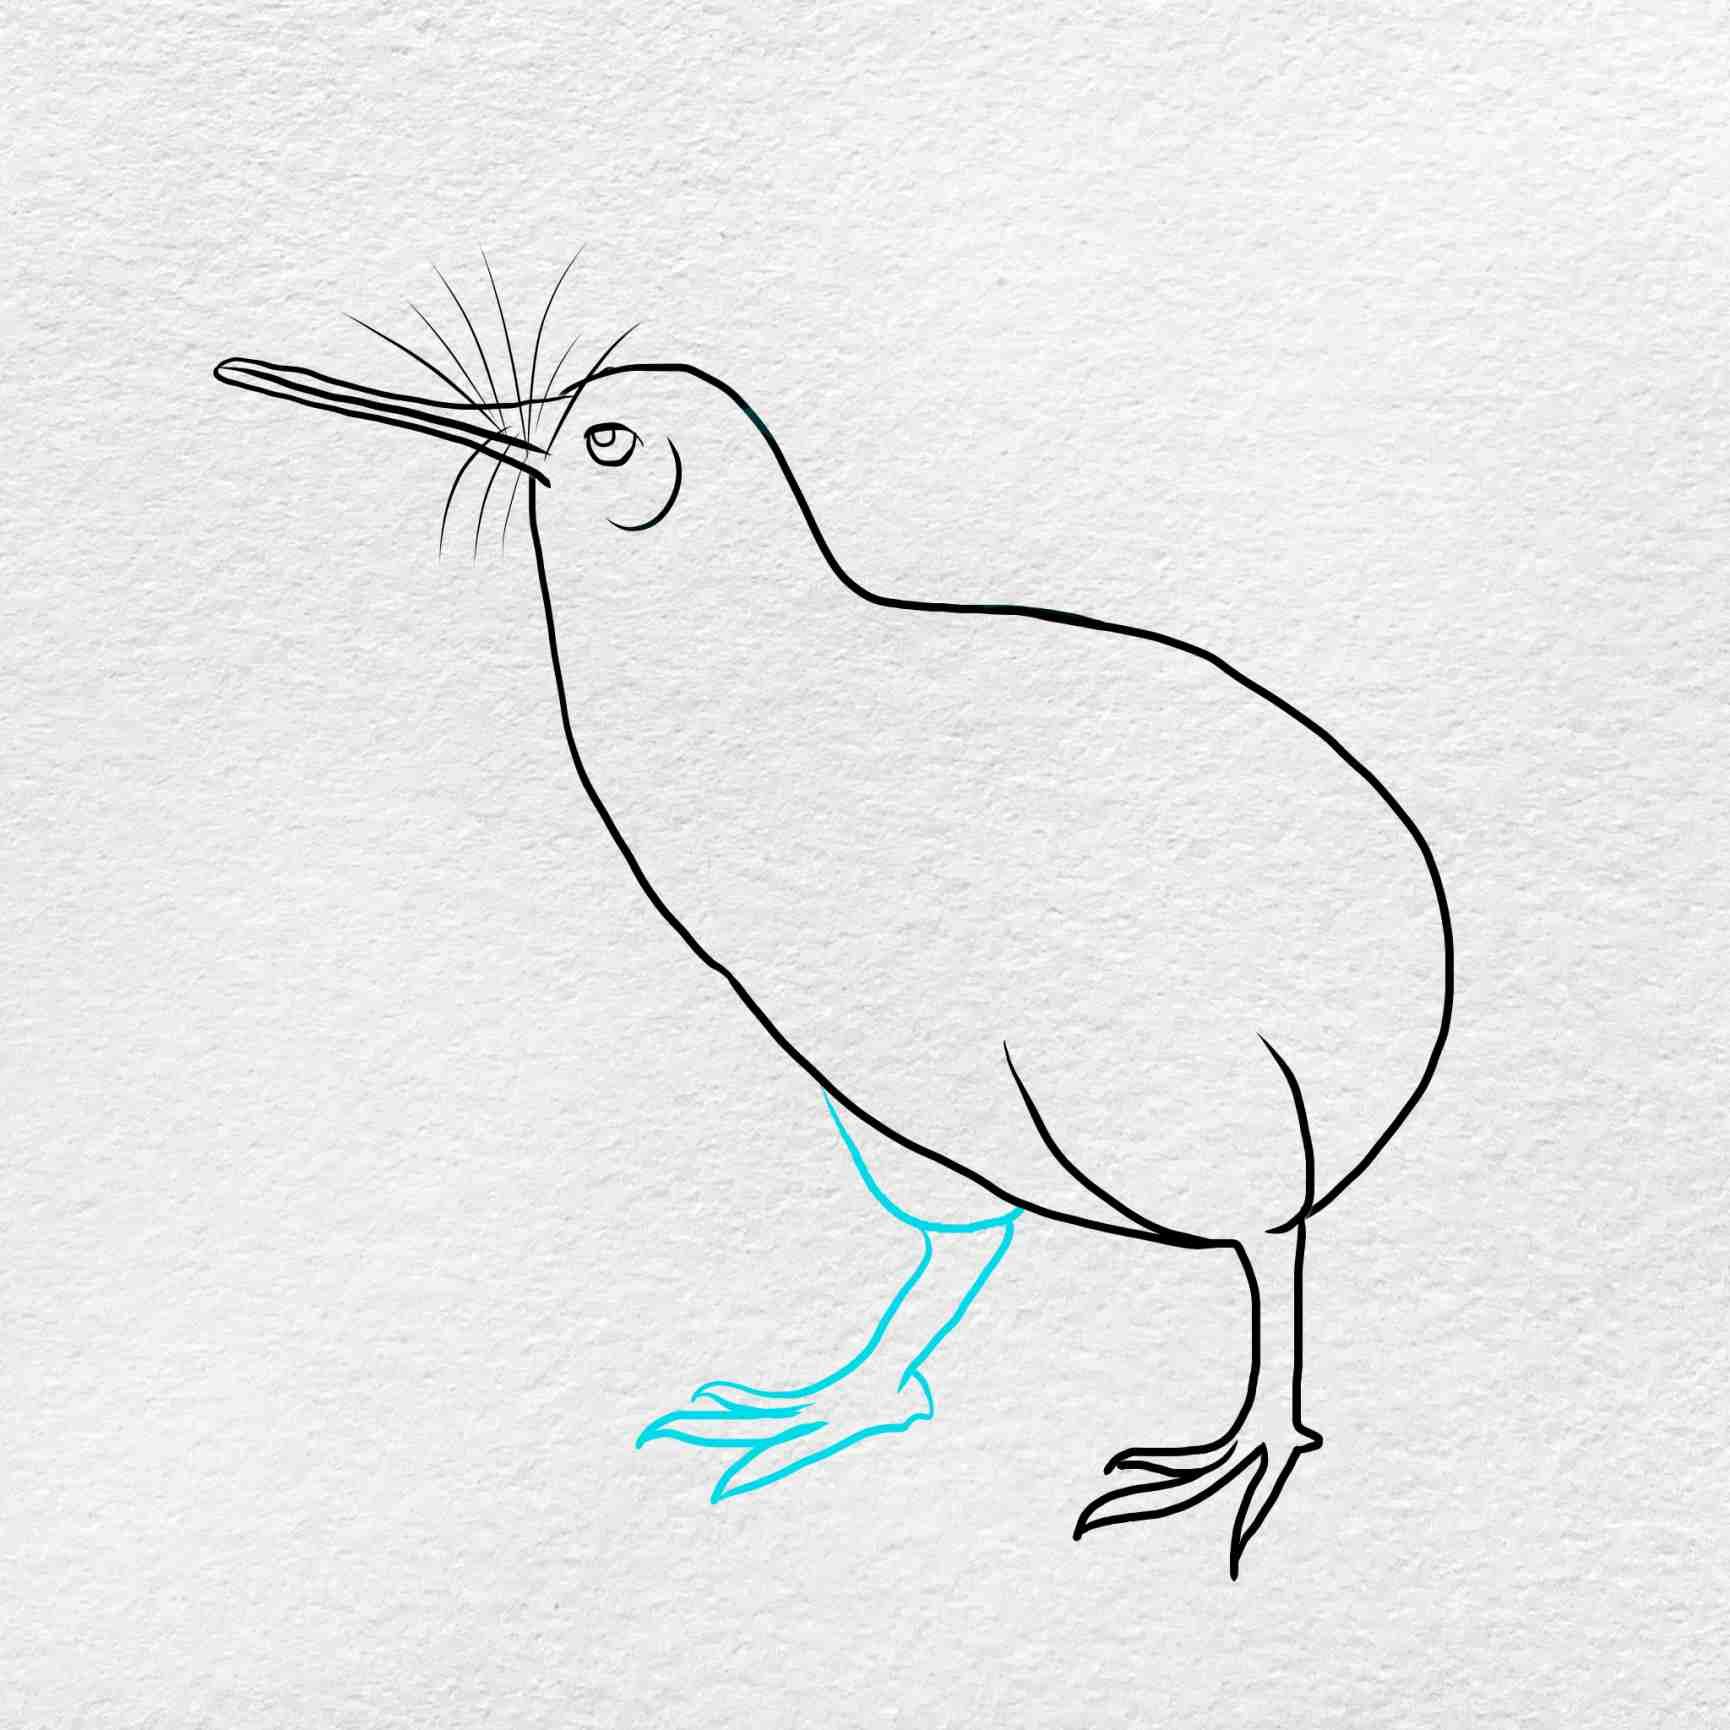 How To Draw Kiwi Bird: Step 5